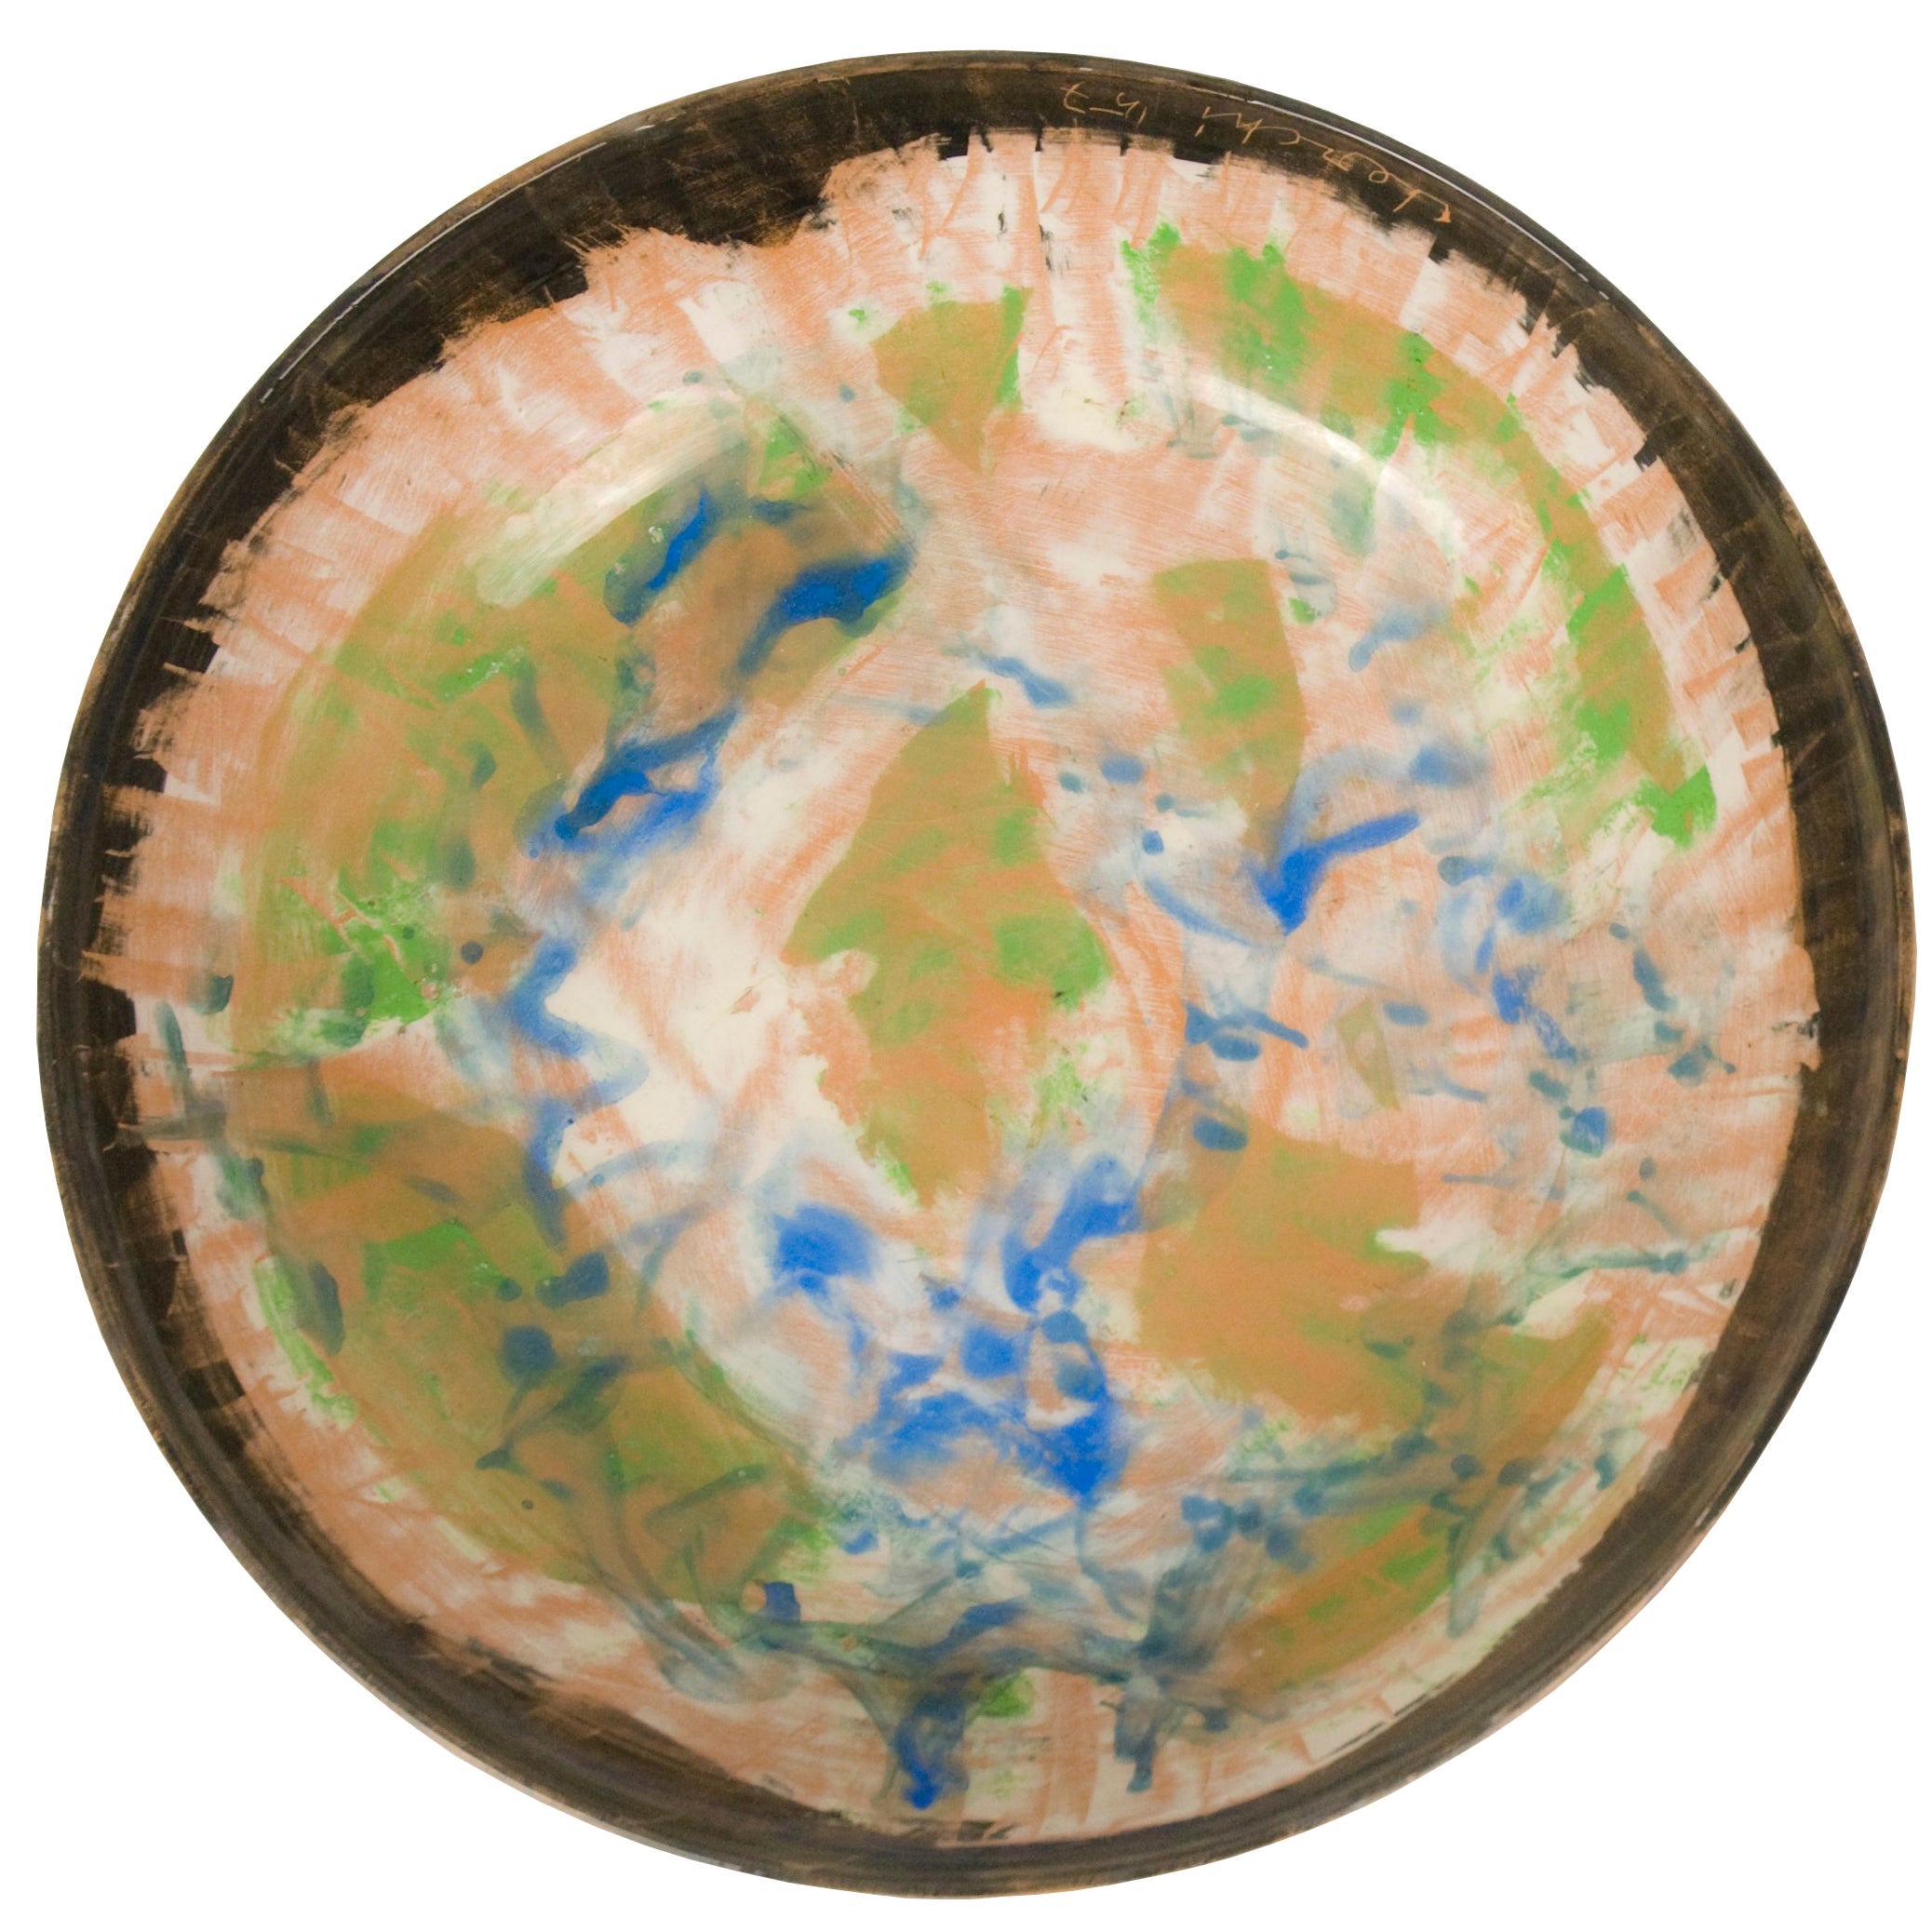 Informal Ceramic Plate by Sandro Cherchi for Ceramiche S. Giorgio, 1957